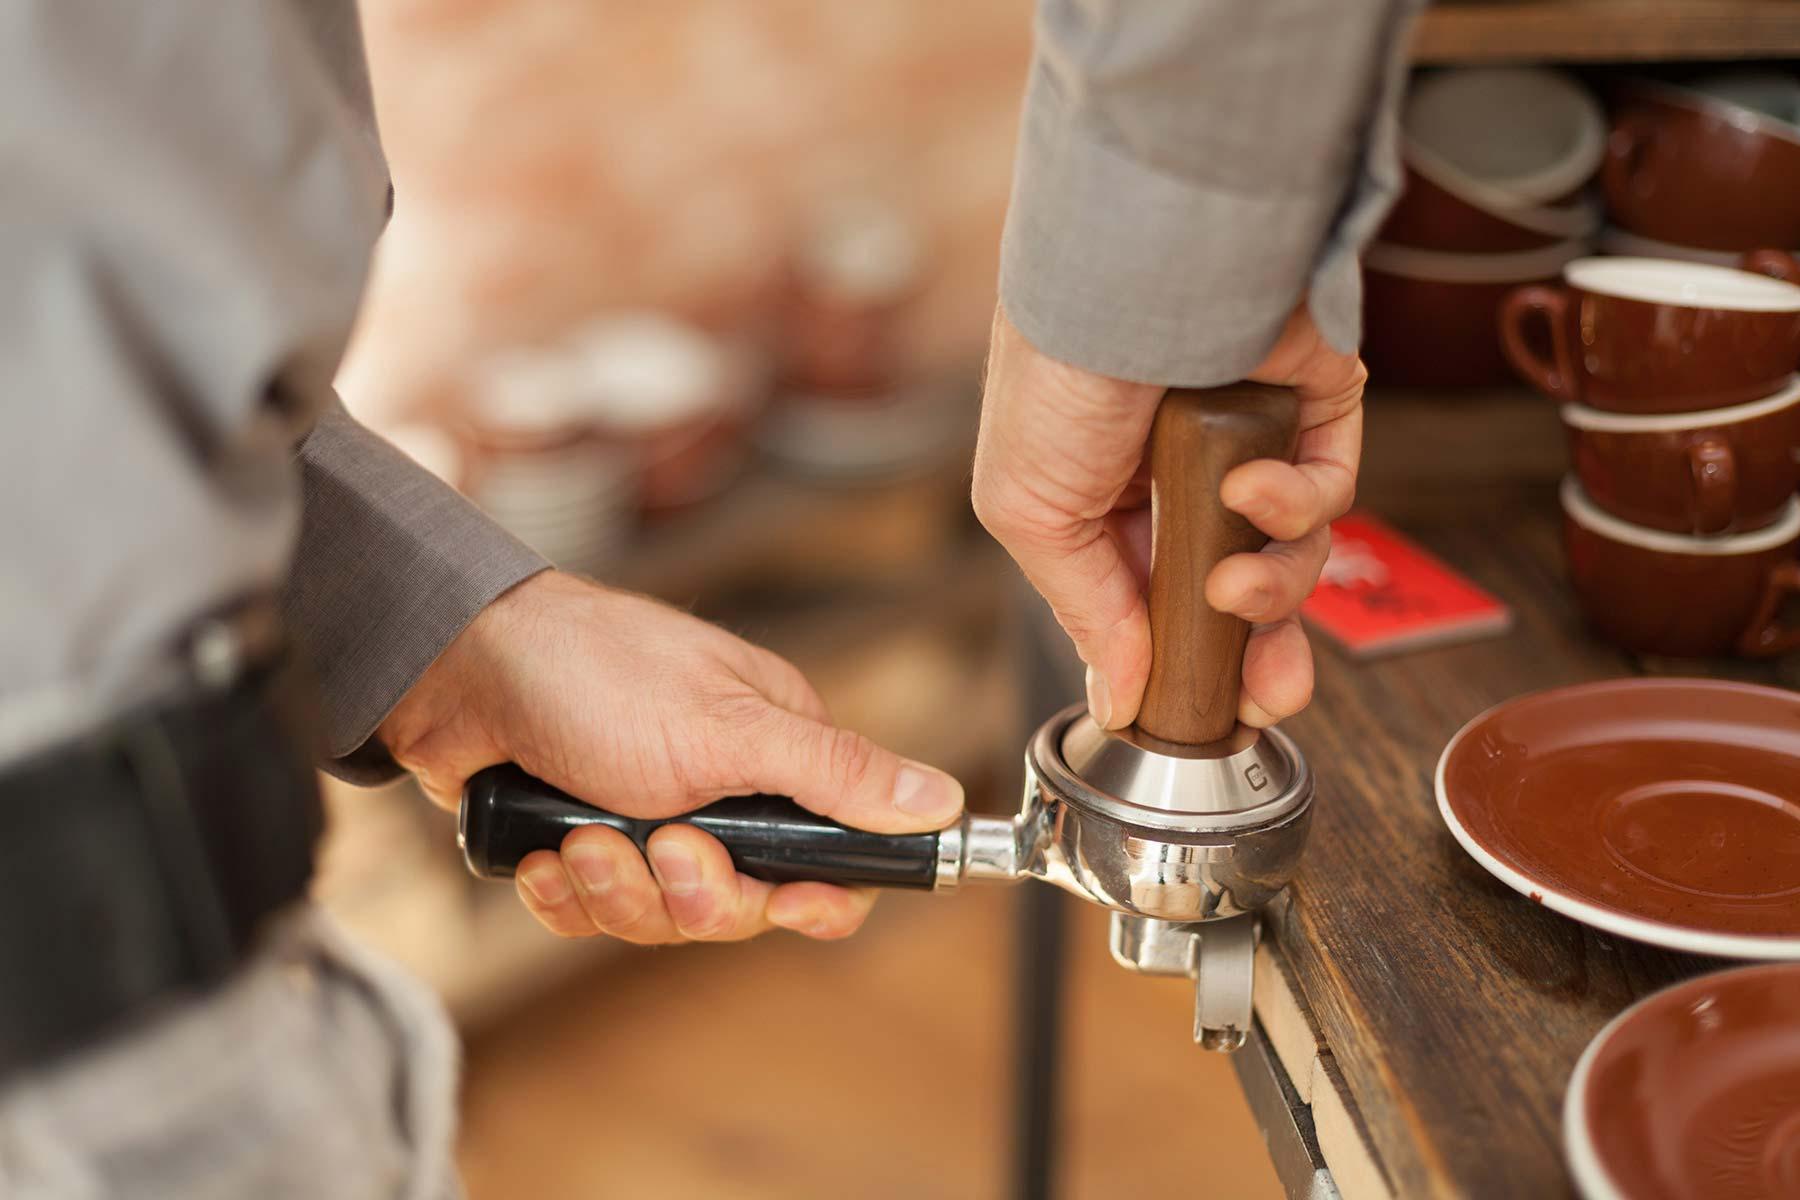 Die Mahlscheiben einer Kaffeemühle, die Technik. CafCaf.de – Kaffee & Blog, Kaffeeblog